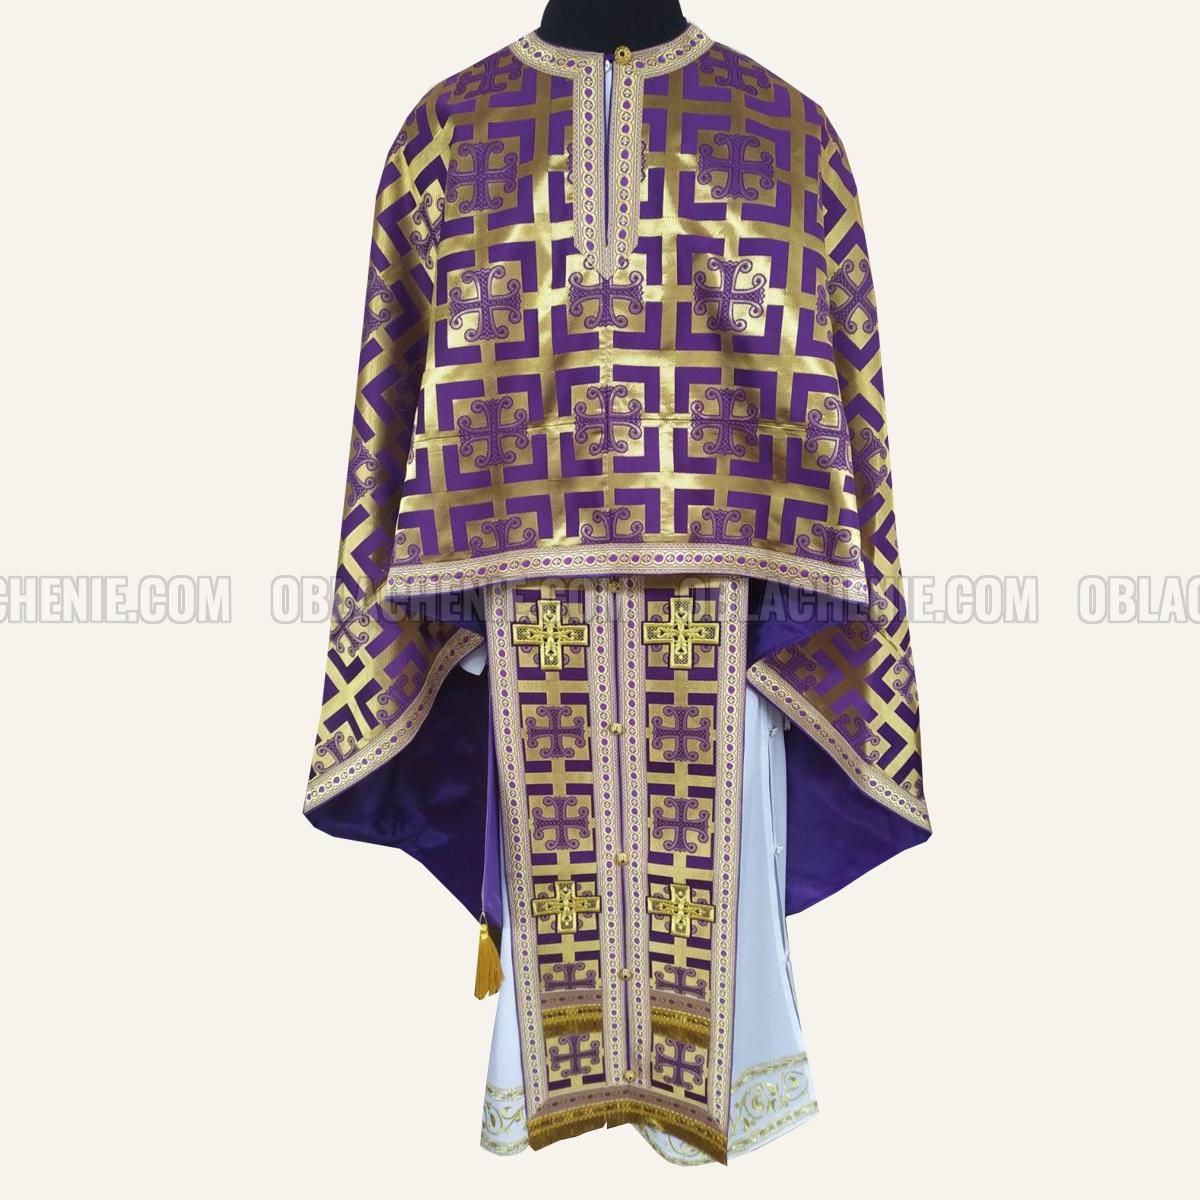 PRIEST'S VESTMENTS 10783